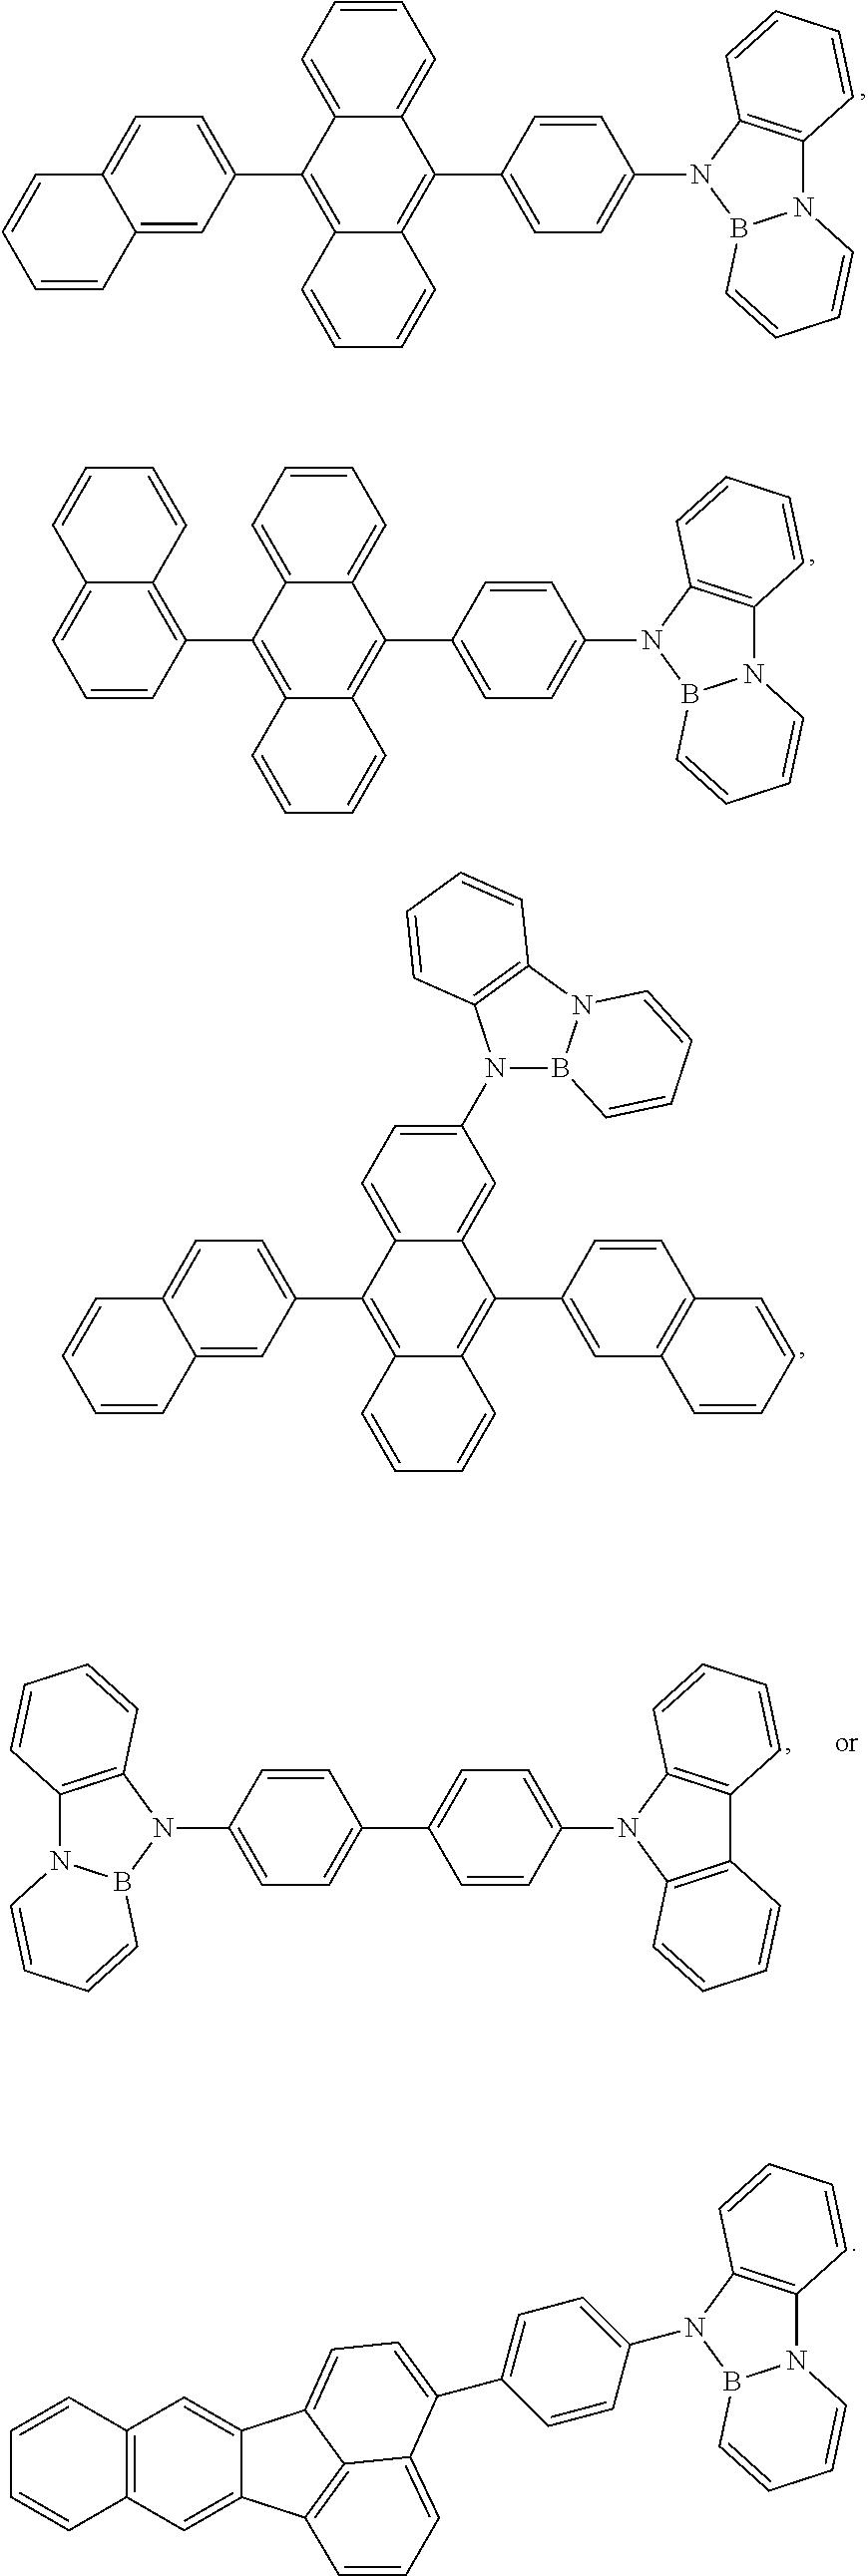 Figure US09287513-20160315-C00045